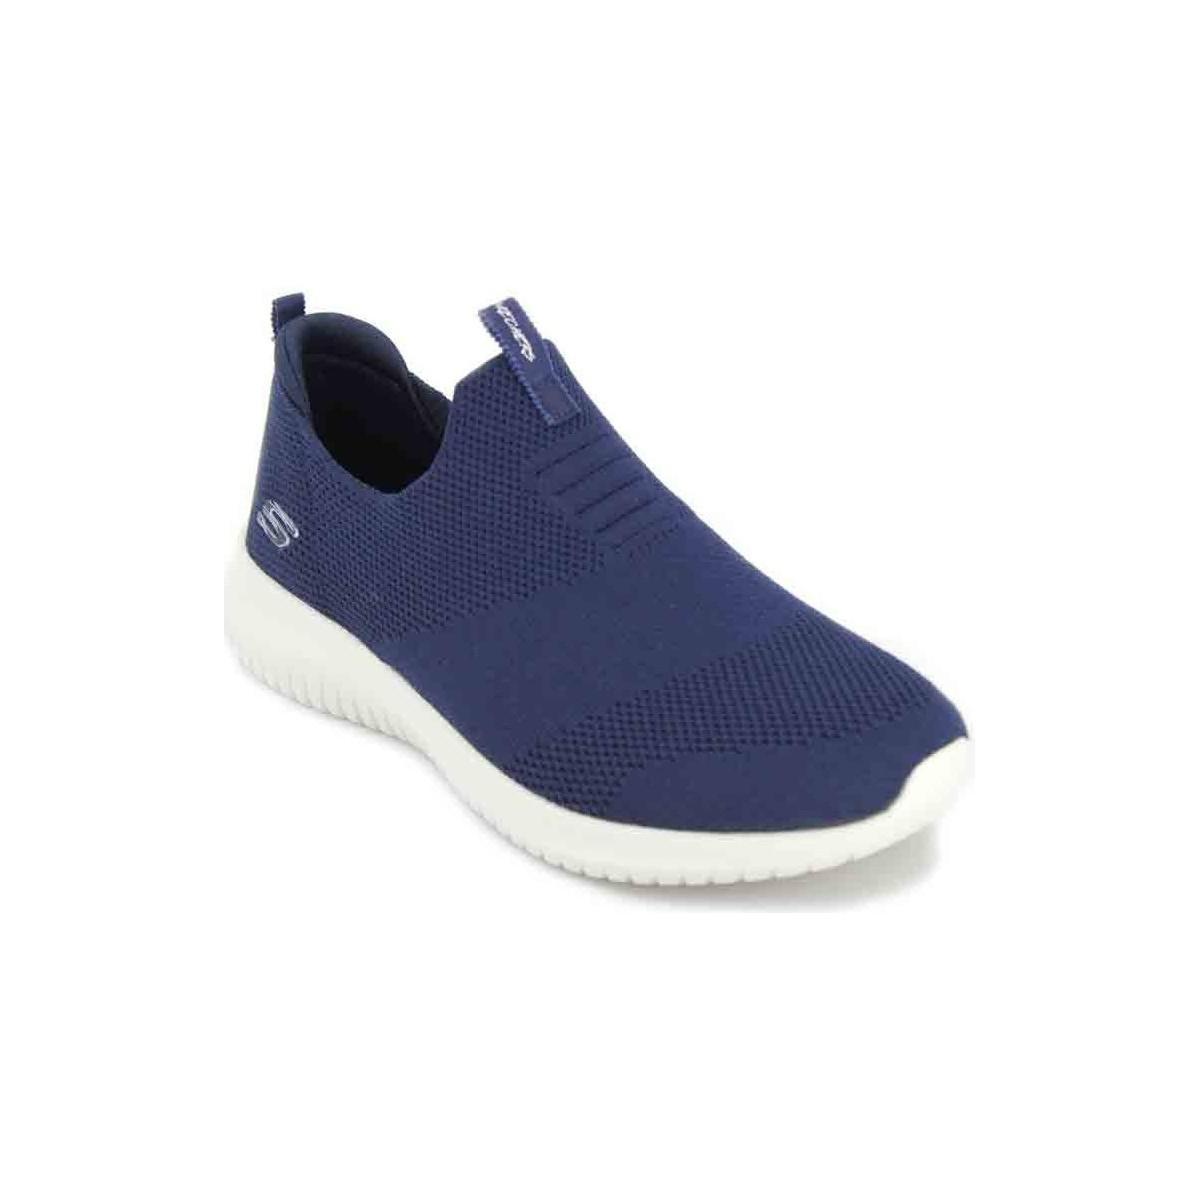 c46a83f56b1d Skechers 12837 Ultra Flex First Take Sneakers Women Women s In Blue ...